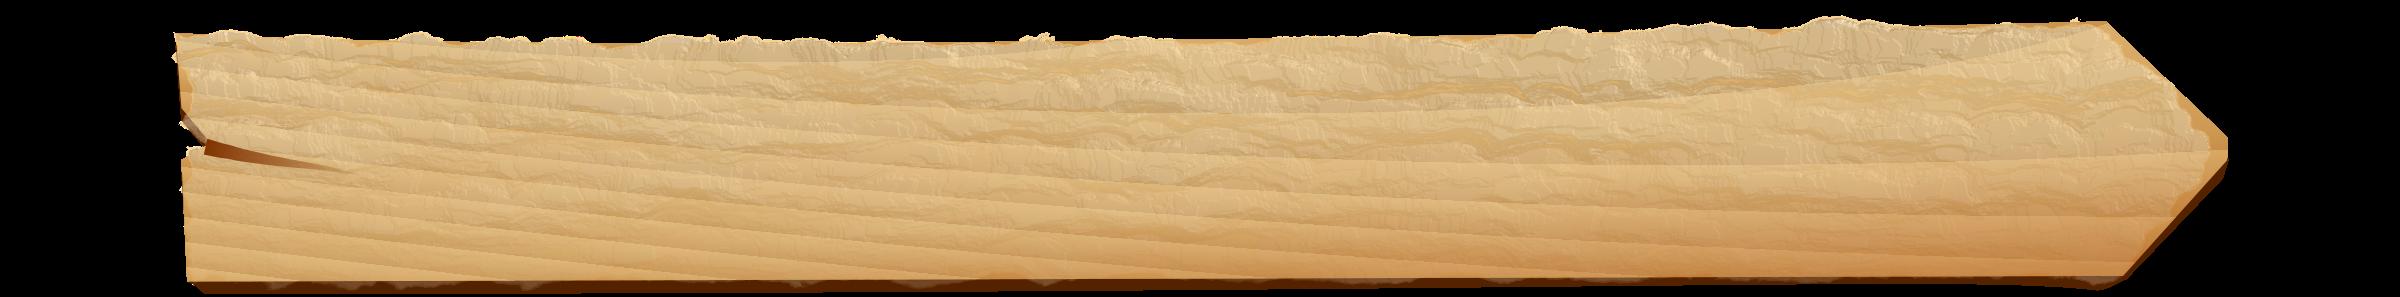 Wooden big image png. Arrow clipart wood